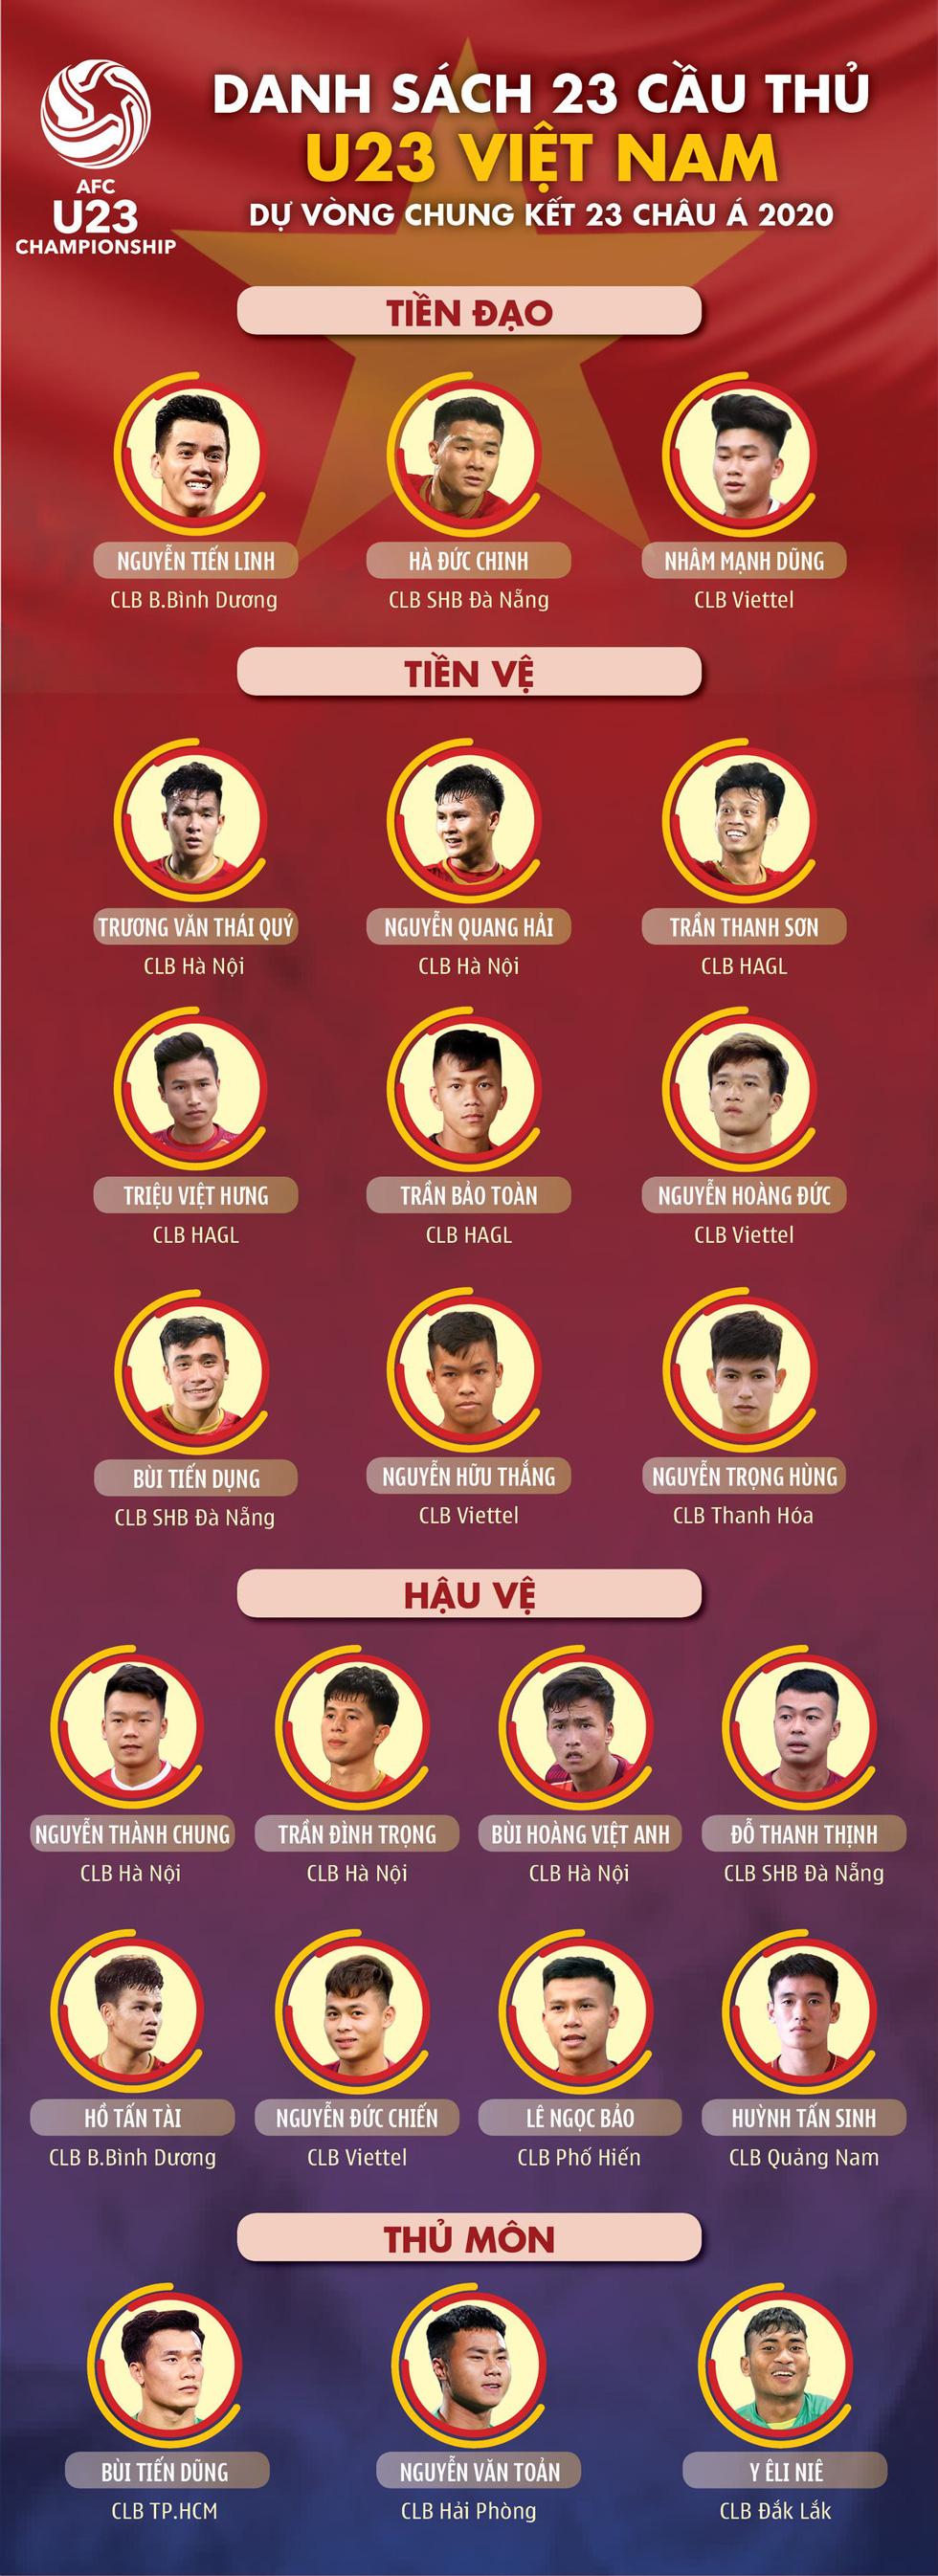 Danh sách U23 Việt Nam dự Giải U23 châu Á 2020 - Ảnh 1.